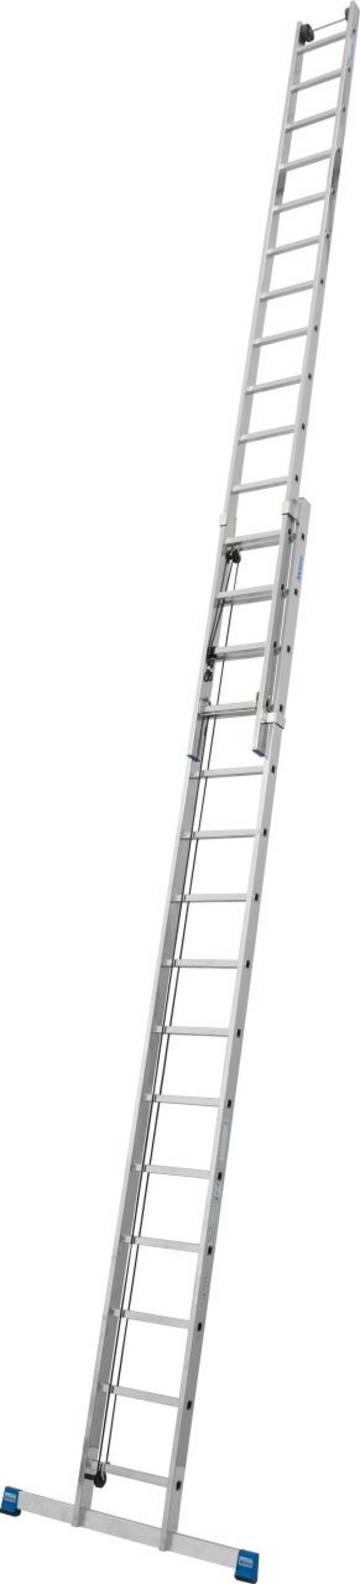 Двухсекционная лестница с тросом для профессионального использования с рабочей высотой до 13,10 м с настенными роликами для удобного выдвижения лестницы.